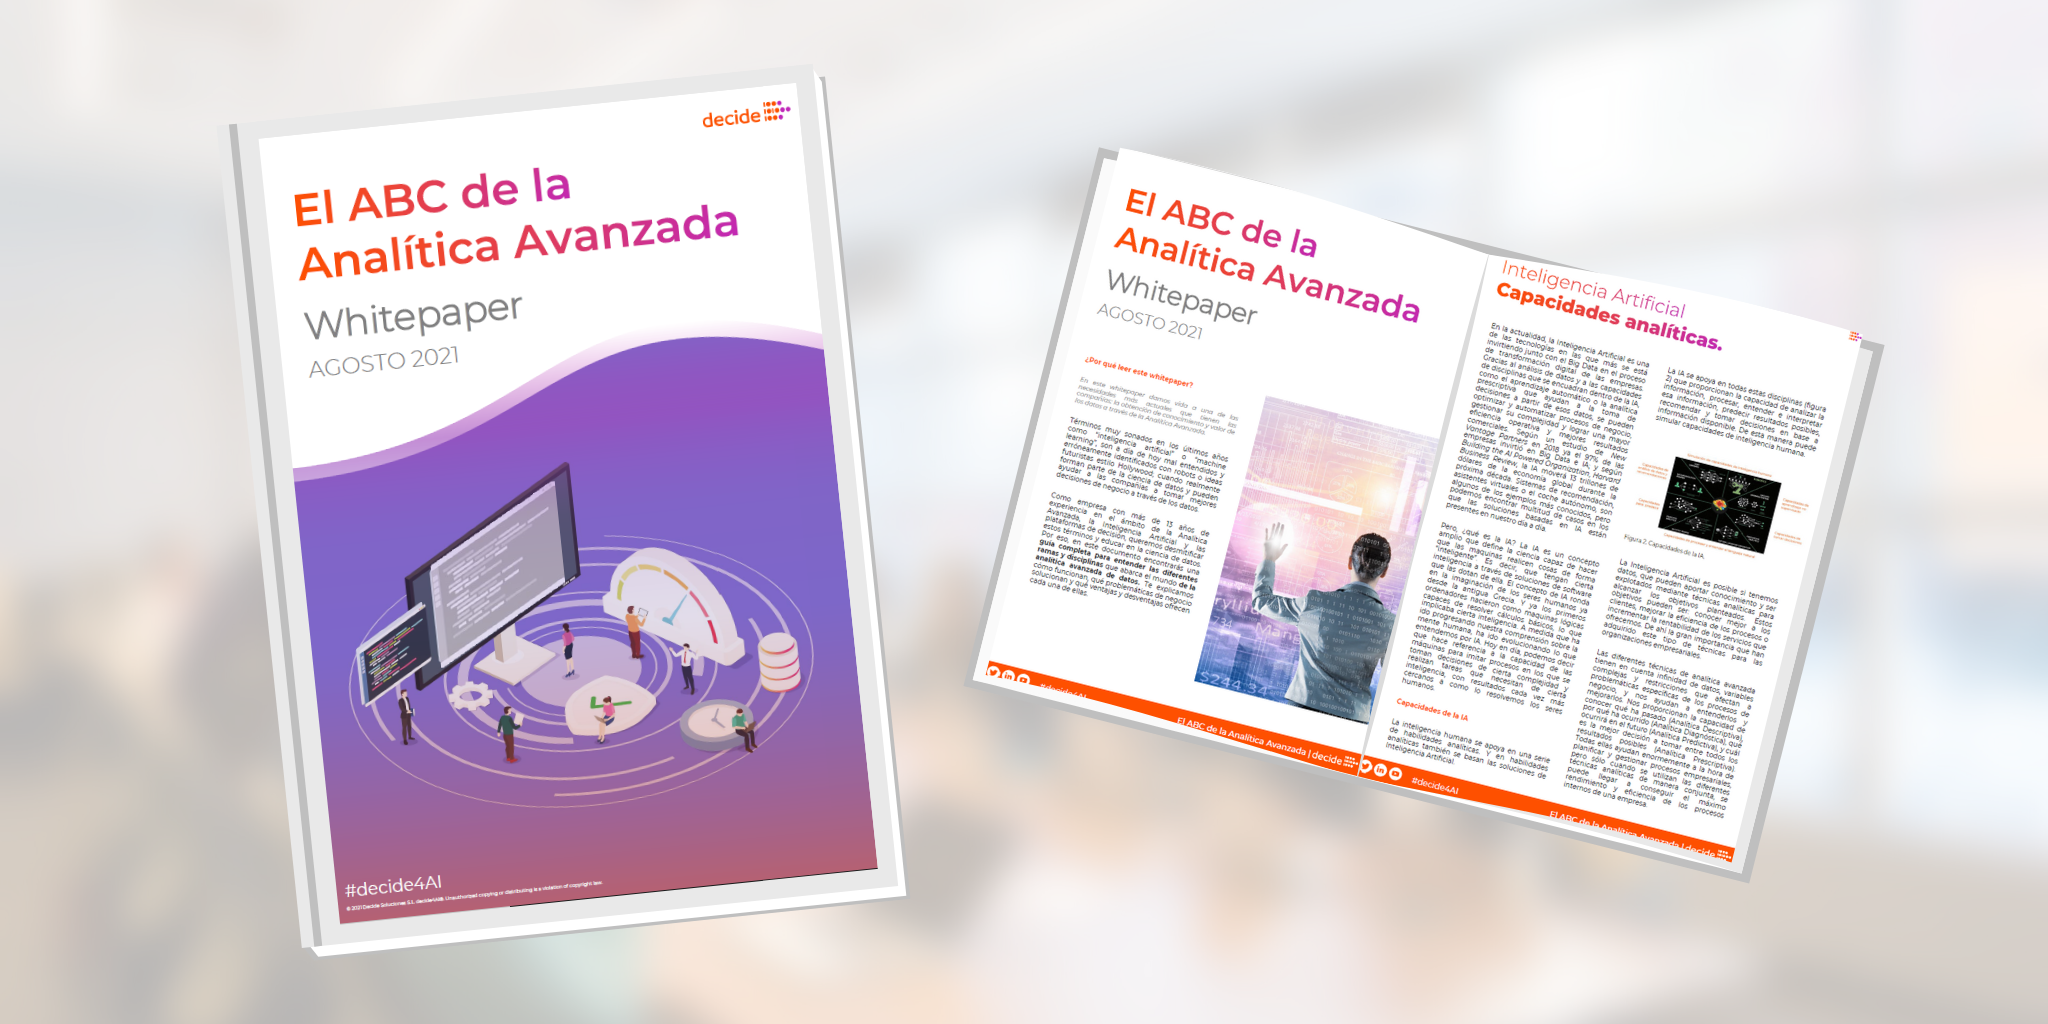 Whitepaper: El ABC de la Analítica Avanzada